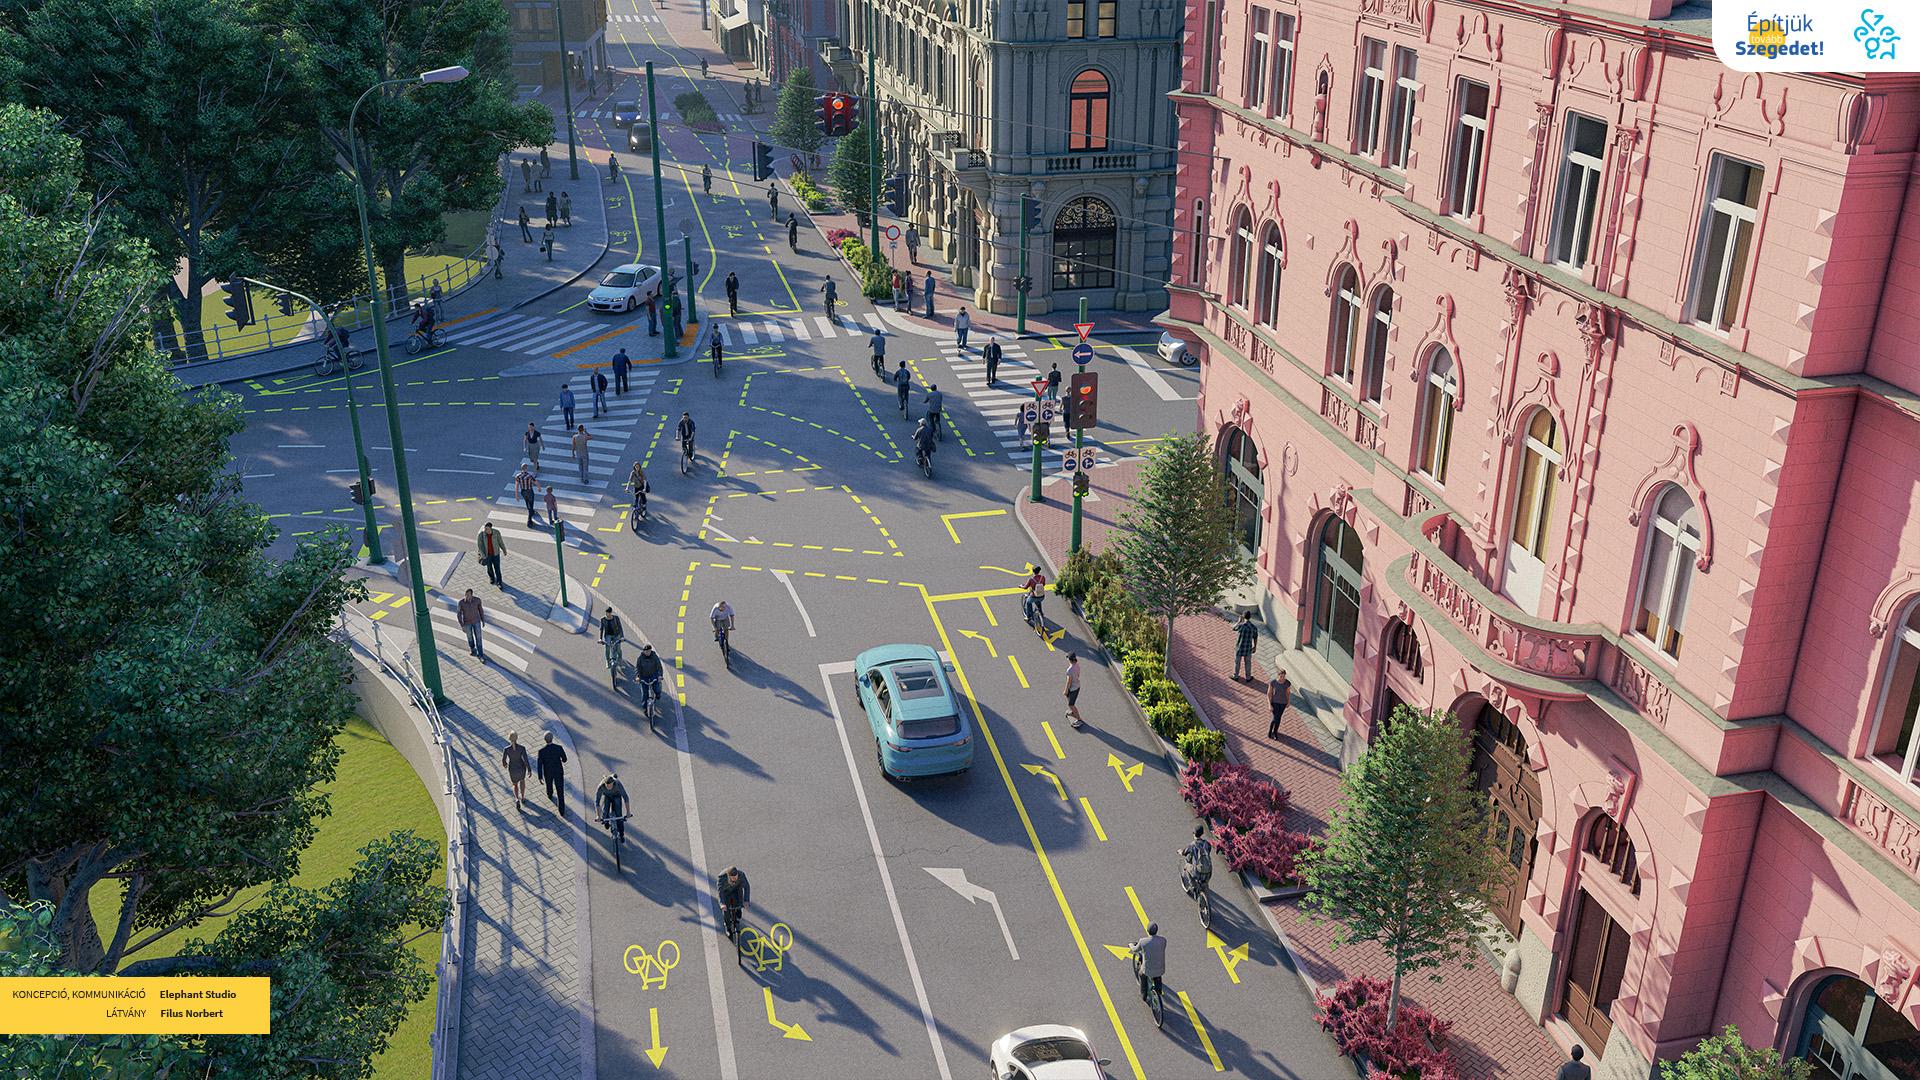 Szeged Oskola utca hídfő